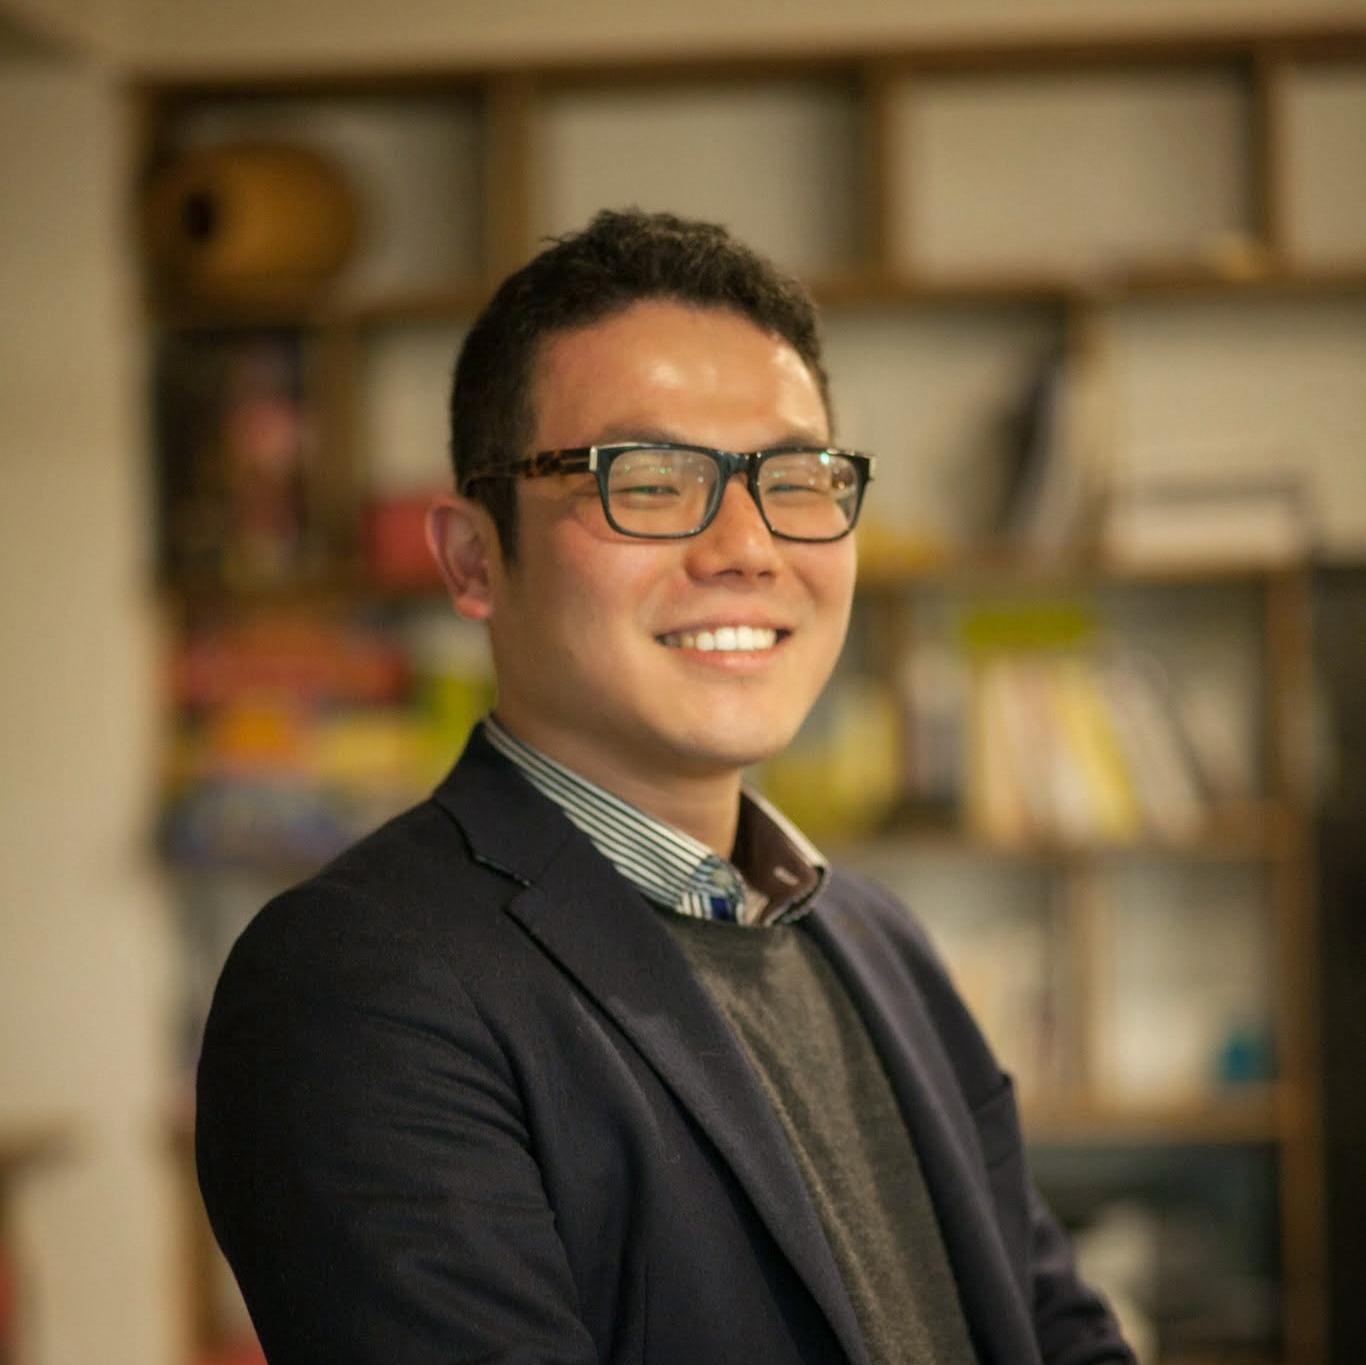 伊藤次郎さんの顔写真